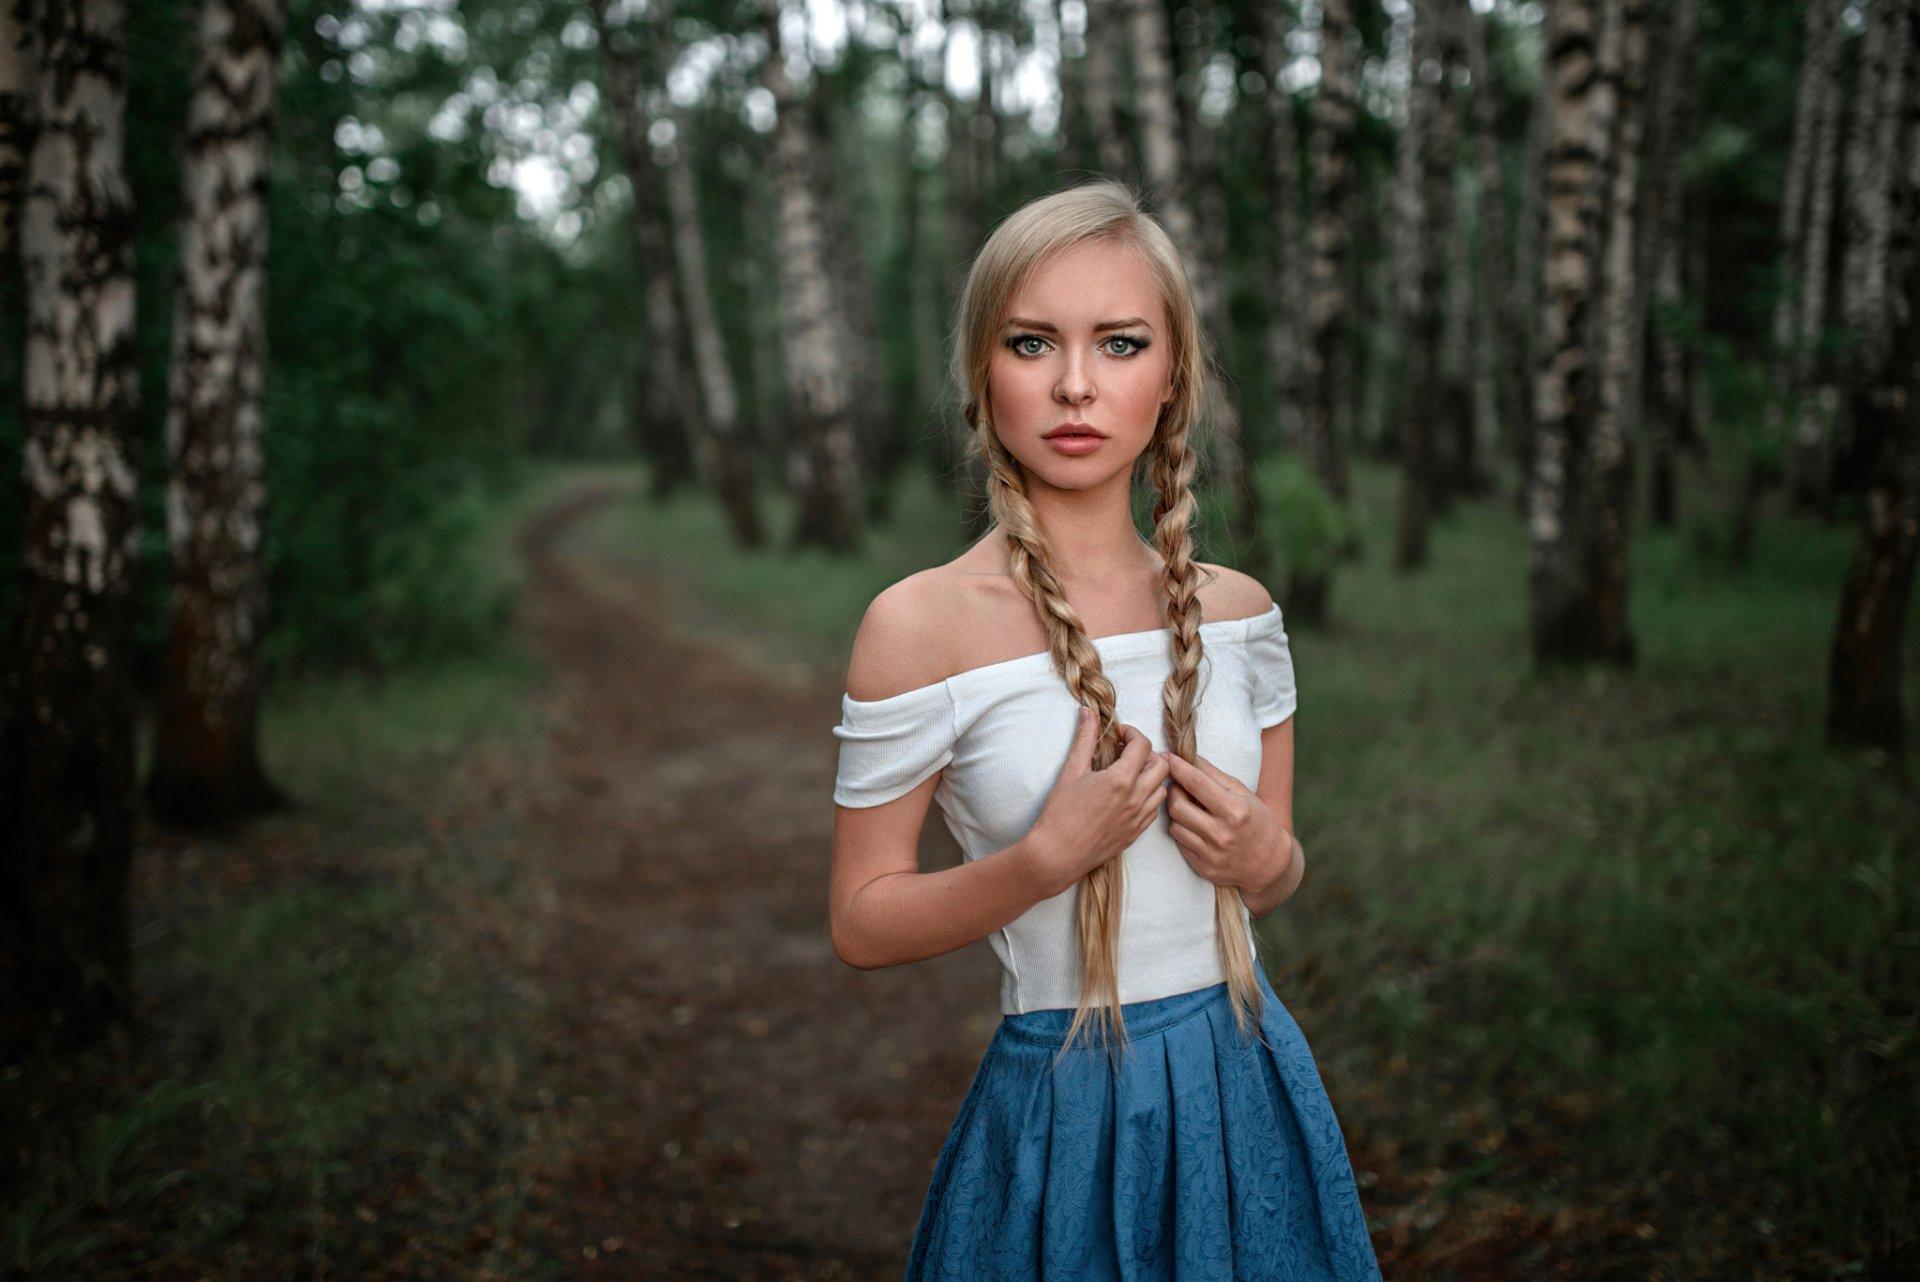 С двумя русскими девушками, С двумя русскими девушками так приятно устраивать 23 фотография